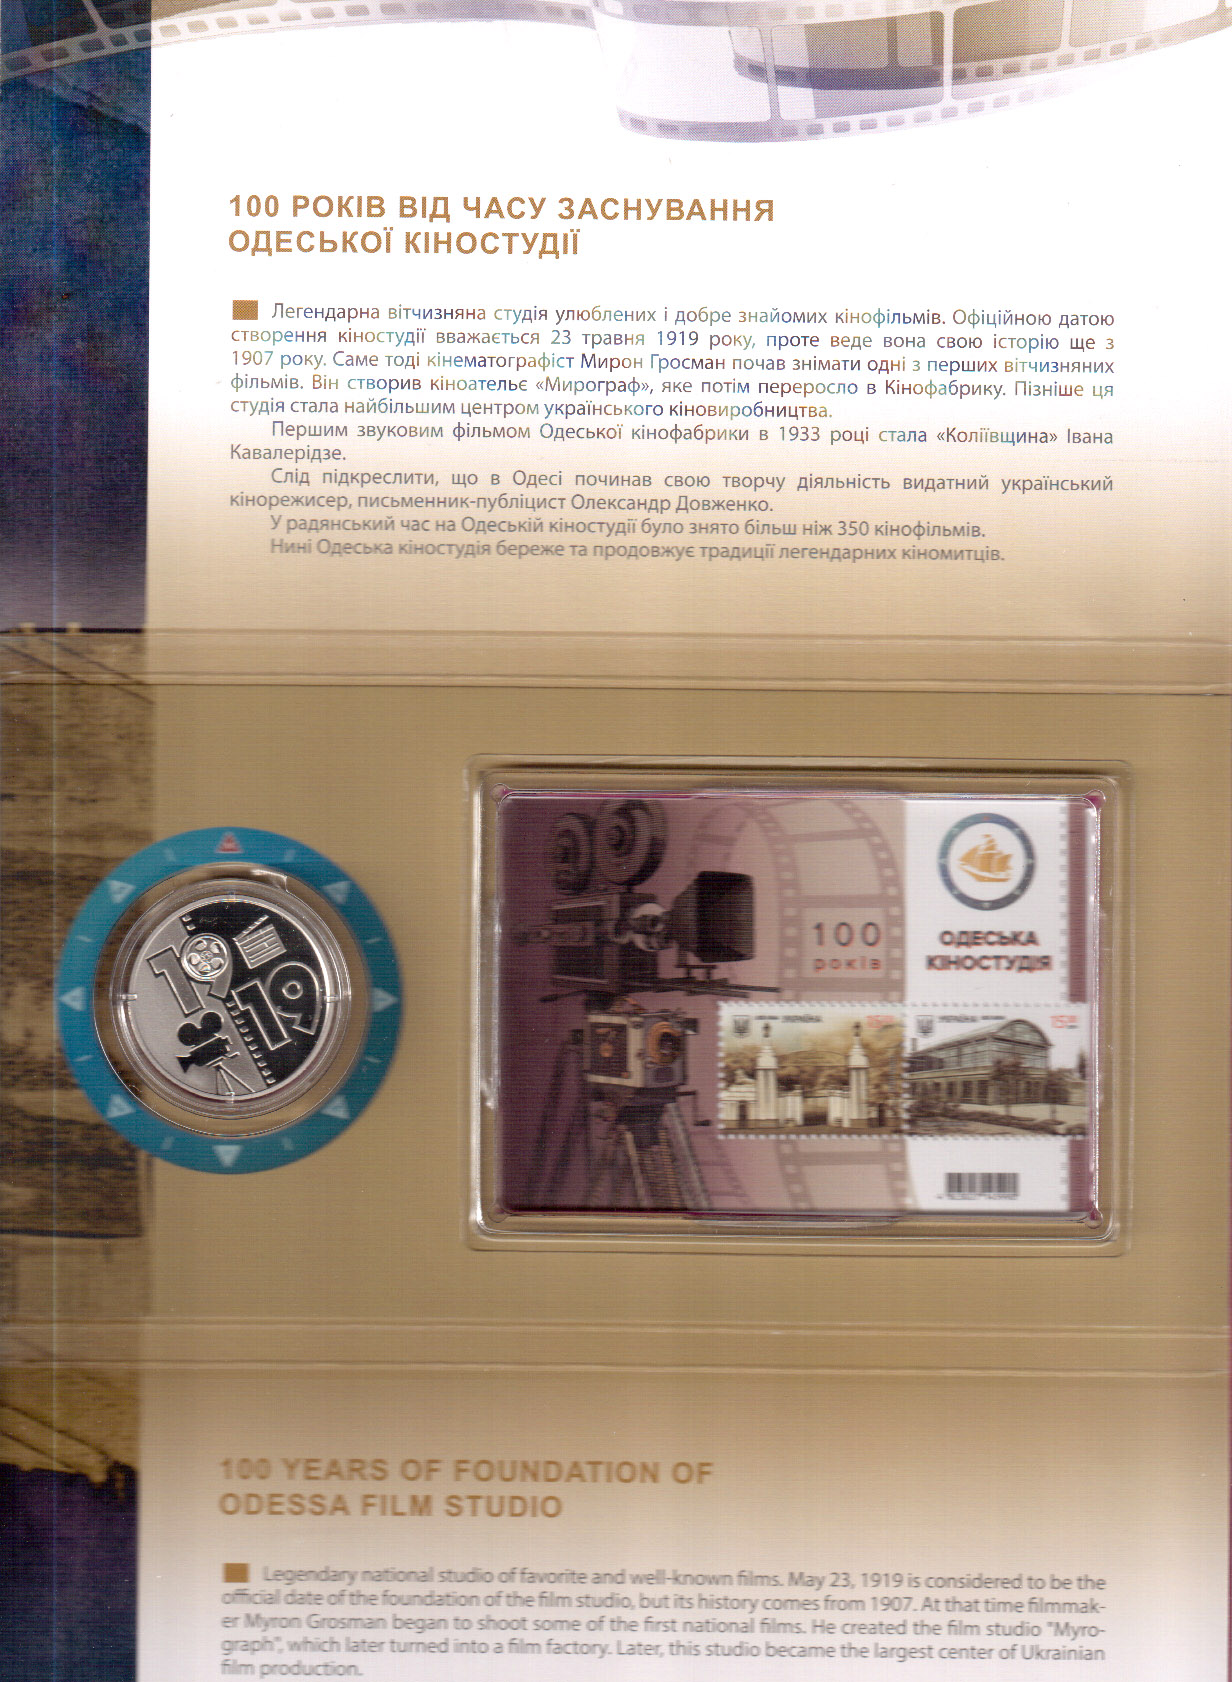 буклет одесская киностудия с монетой